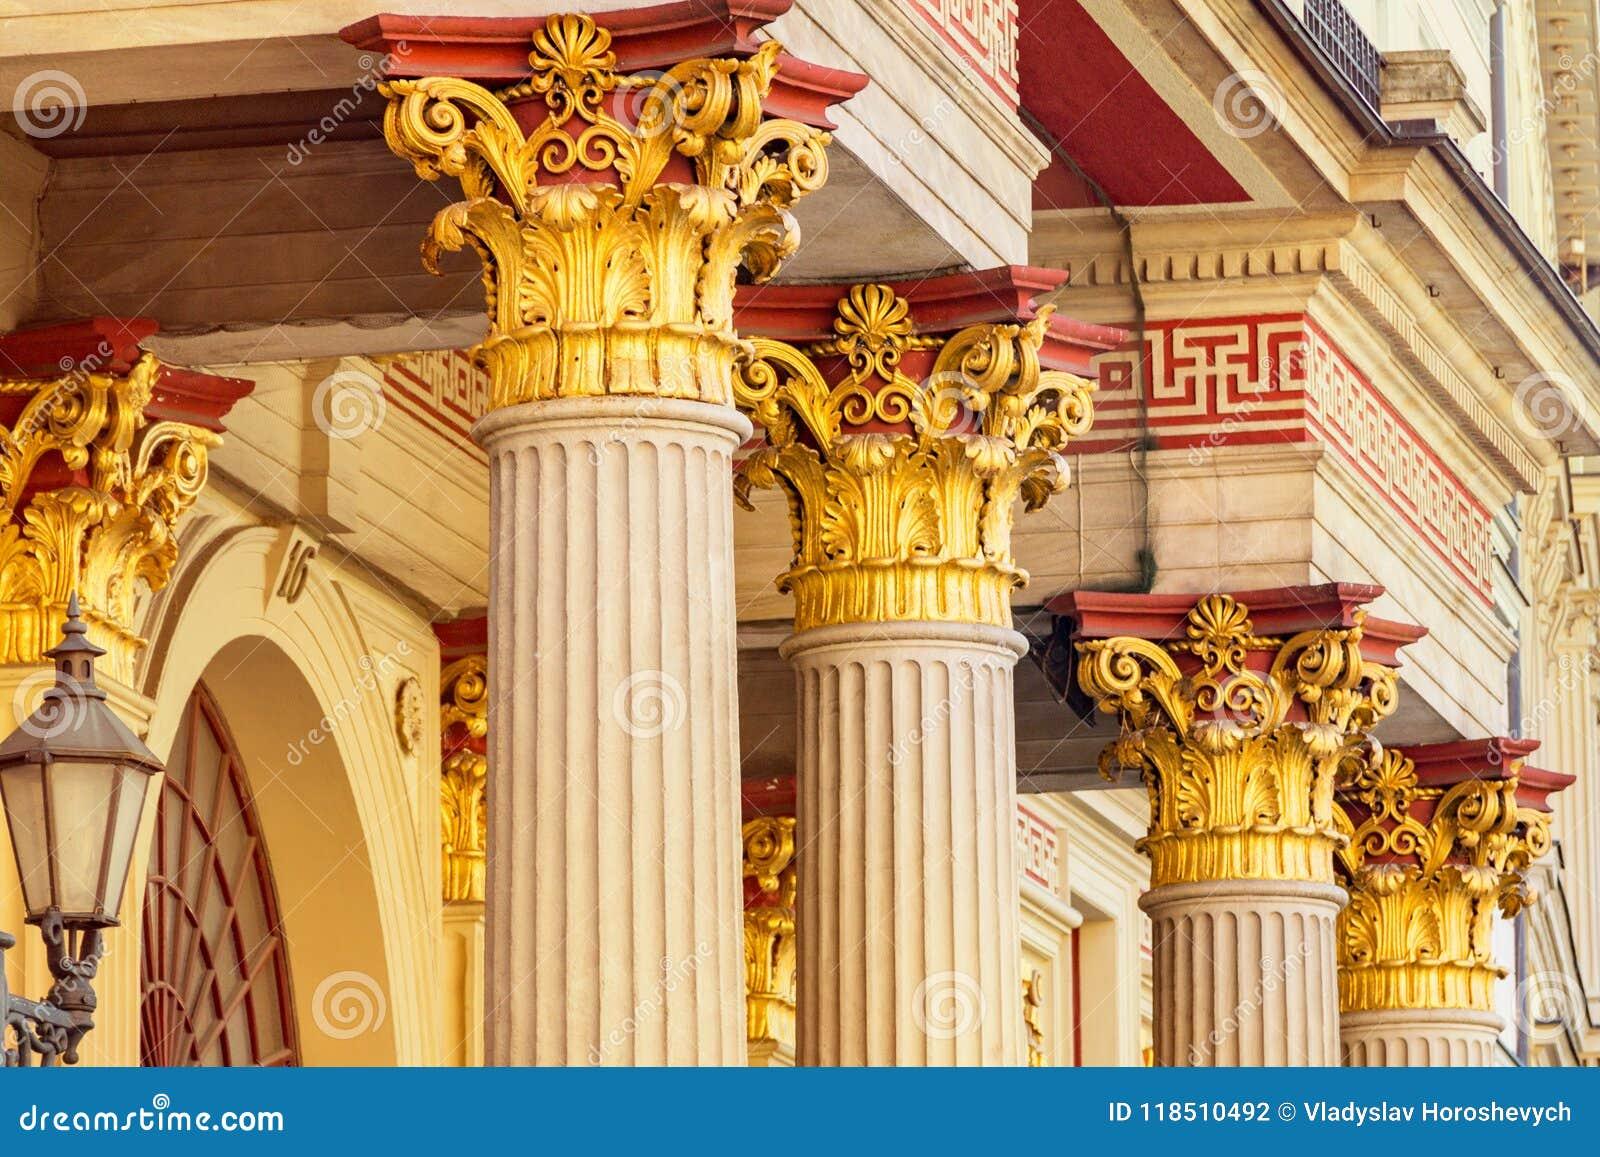 Яркие столбцы здания, старого двора, позолоченной колы